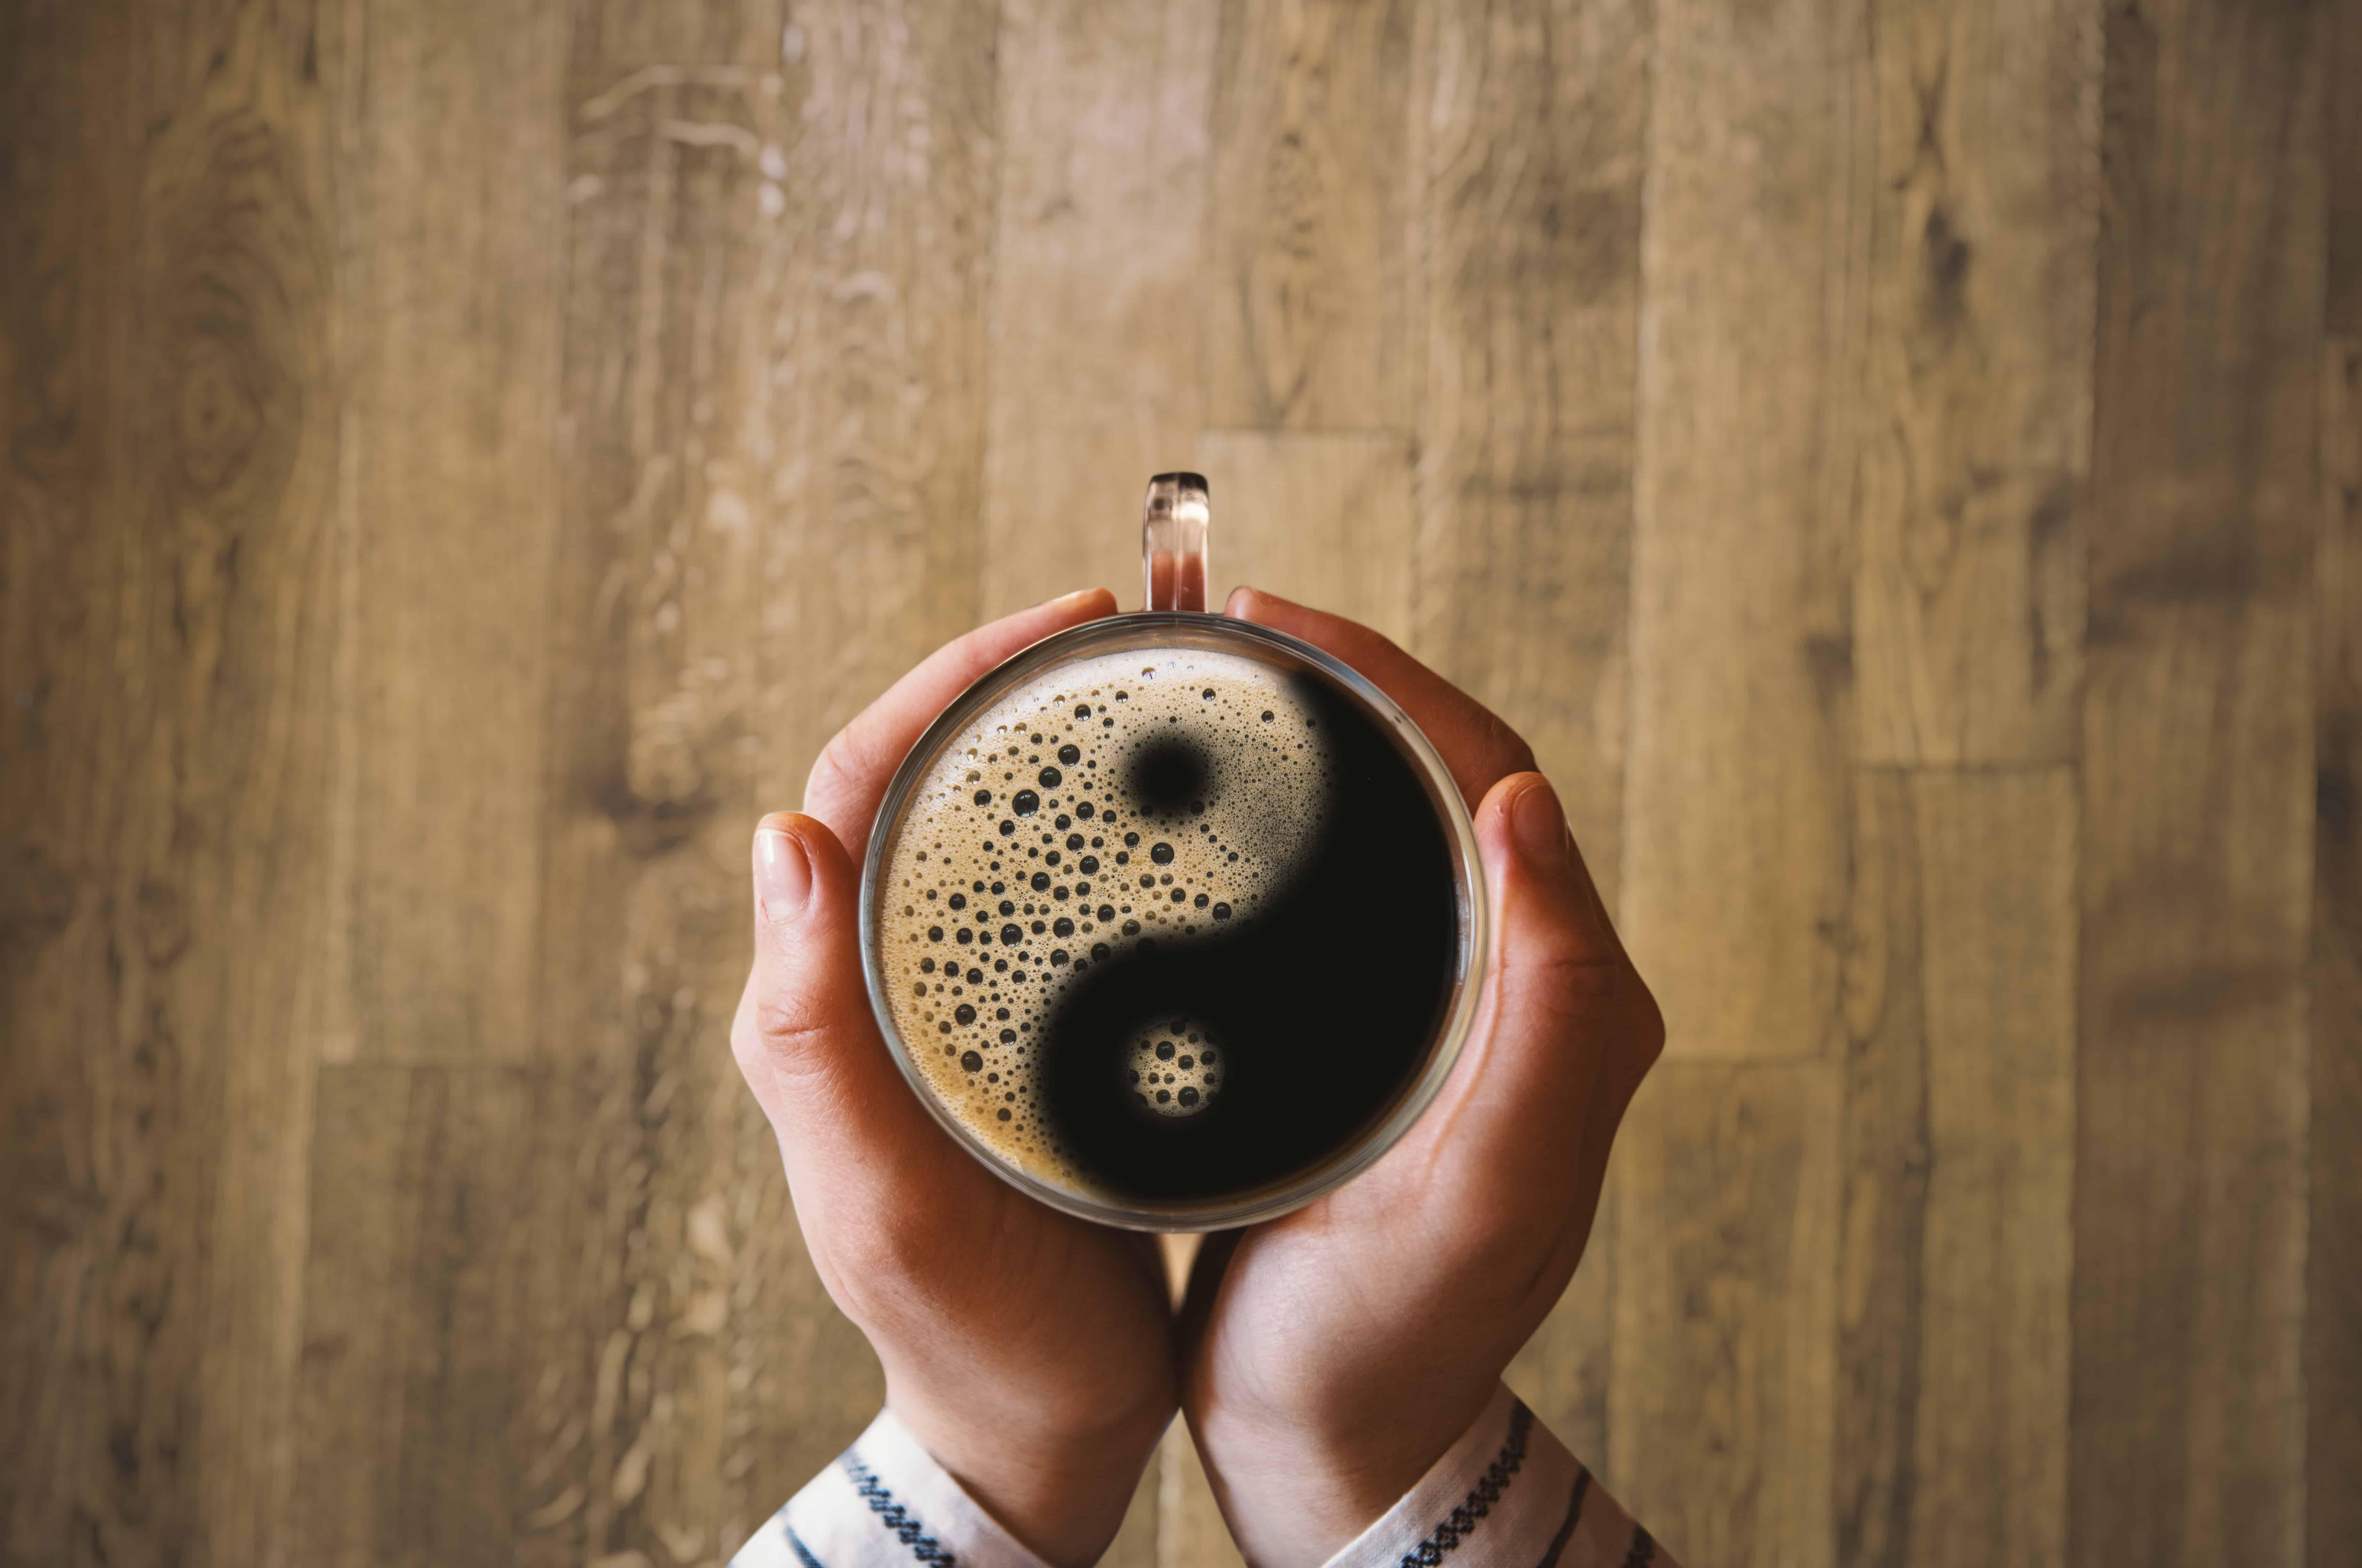 Descubre en qué consiste la teoría del ying yang